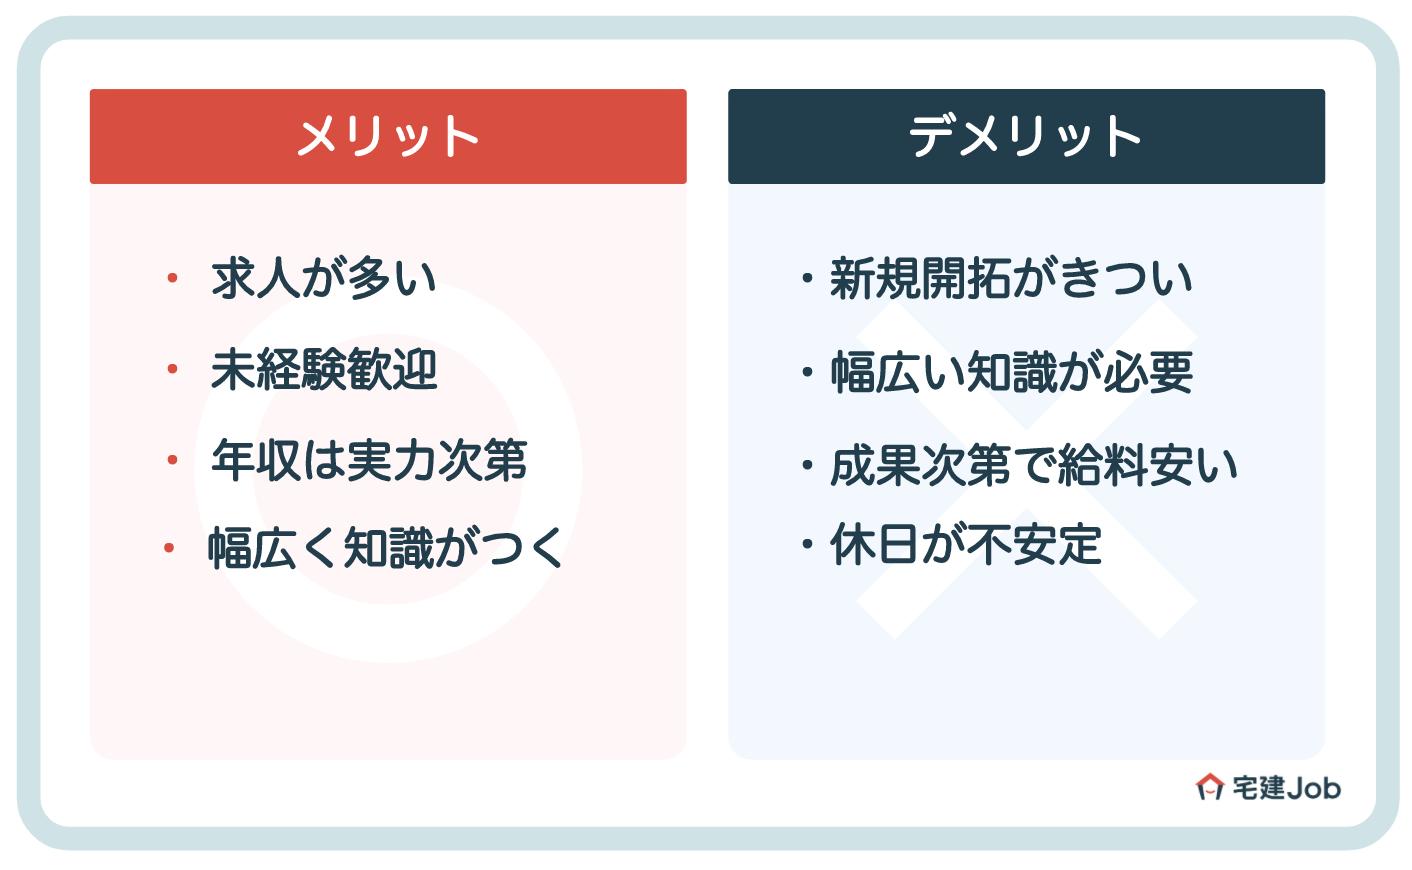 3.土地活用営業として働くメリット(良い点)